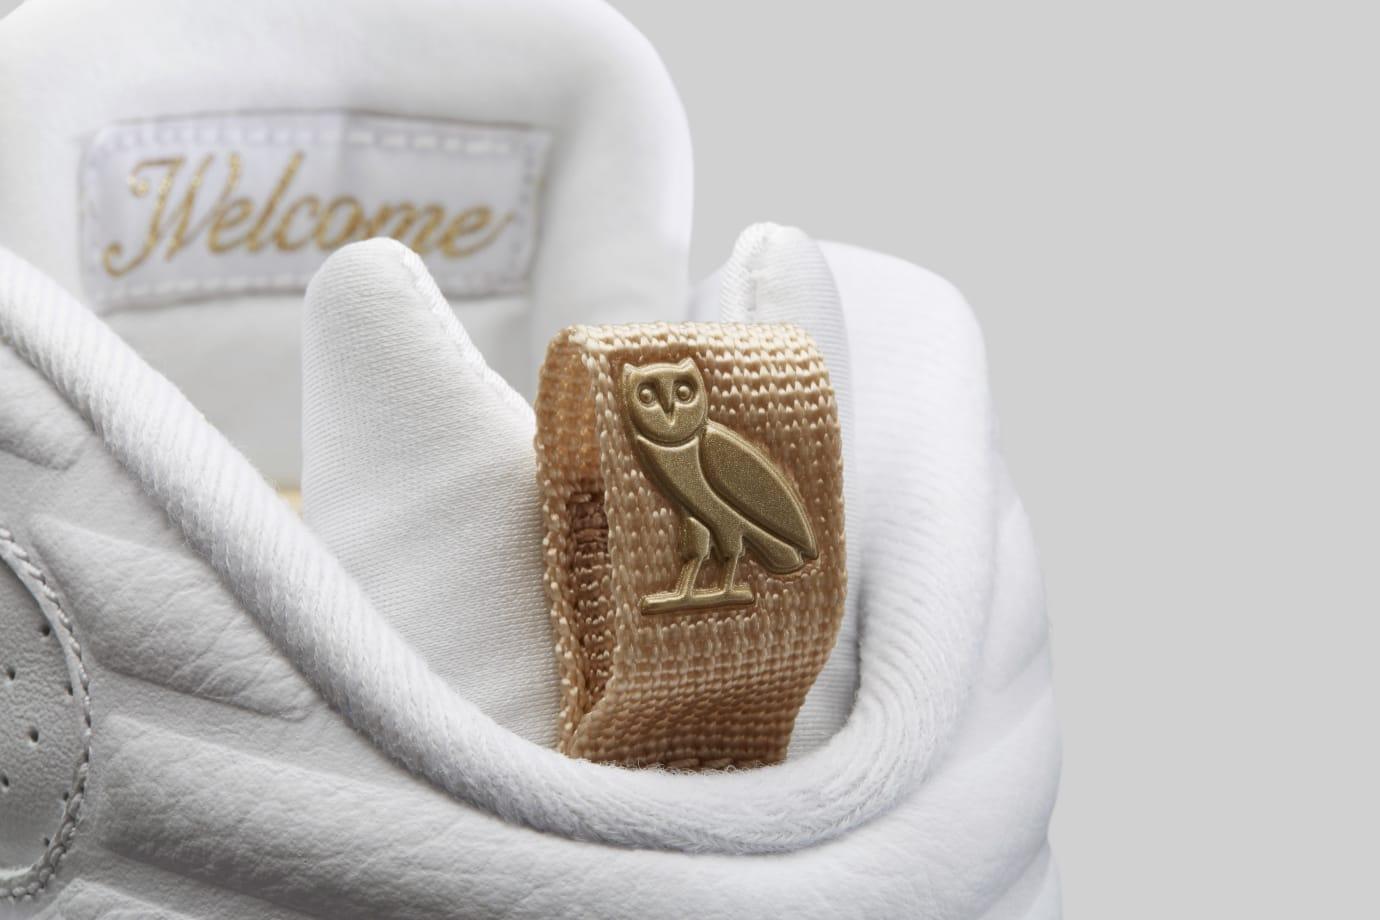 Air Jordan 8 'OVO' White/Metallic Gold-Varsity Red-Blur AA1239-135 (Heel Tab)